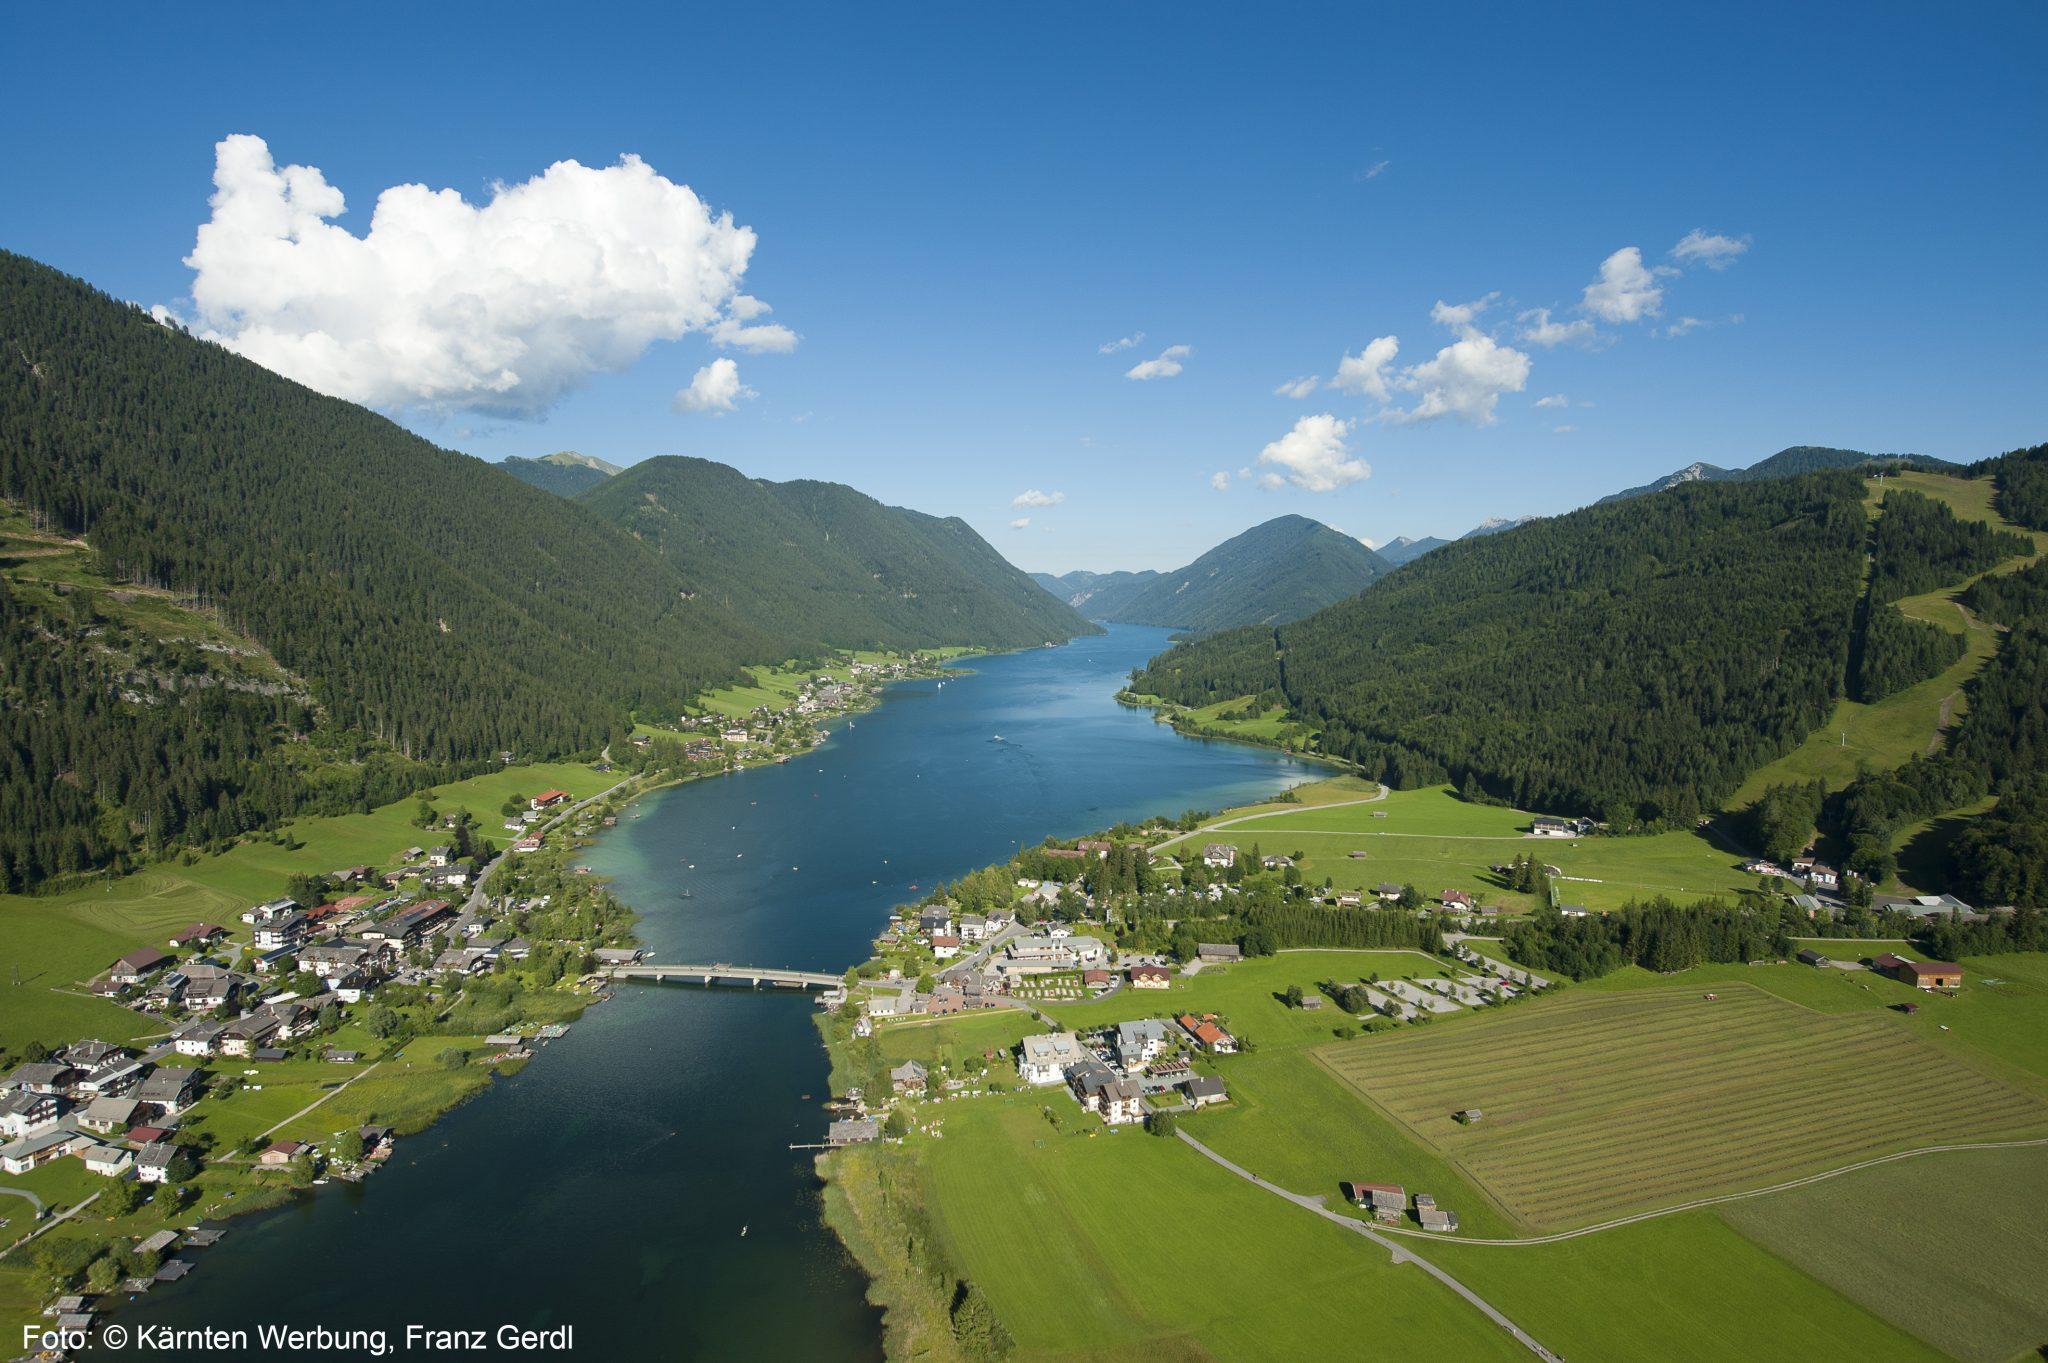 Seniorenreise Kärnten